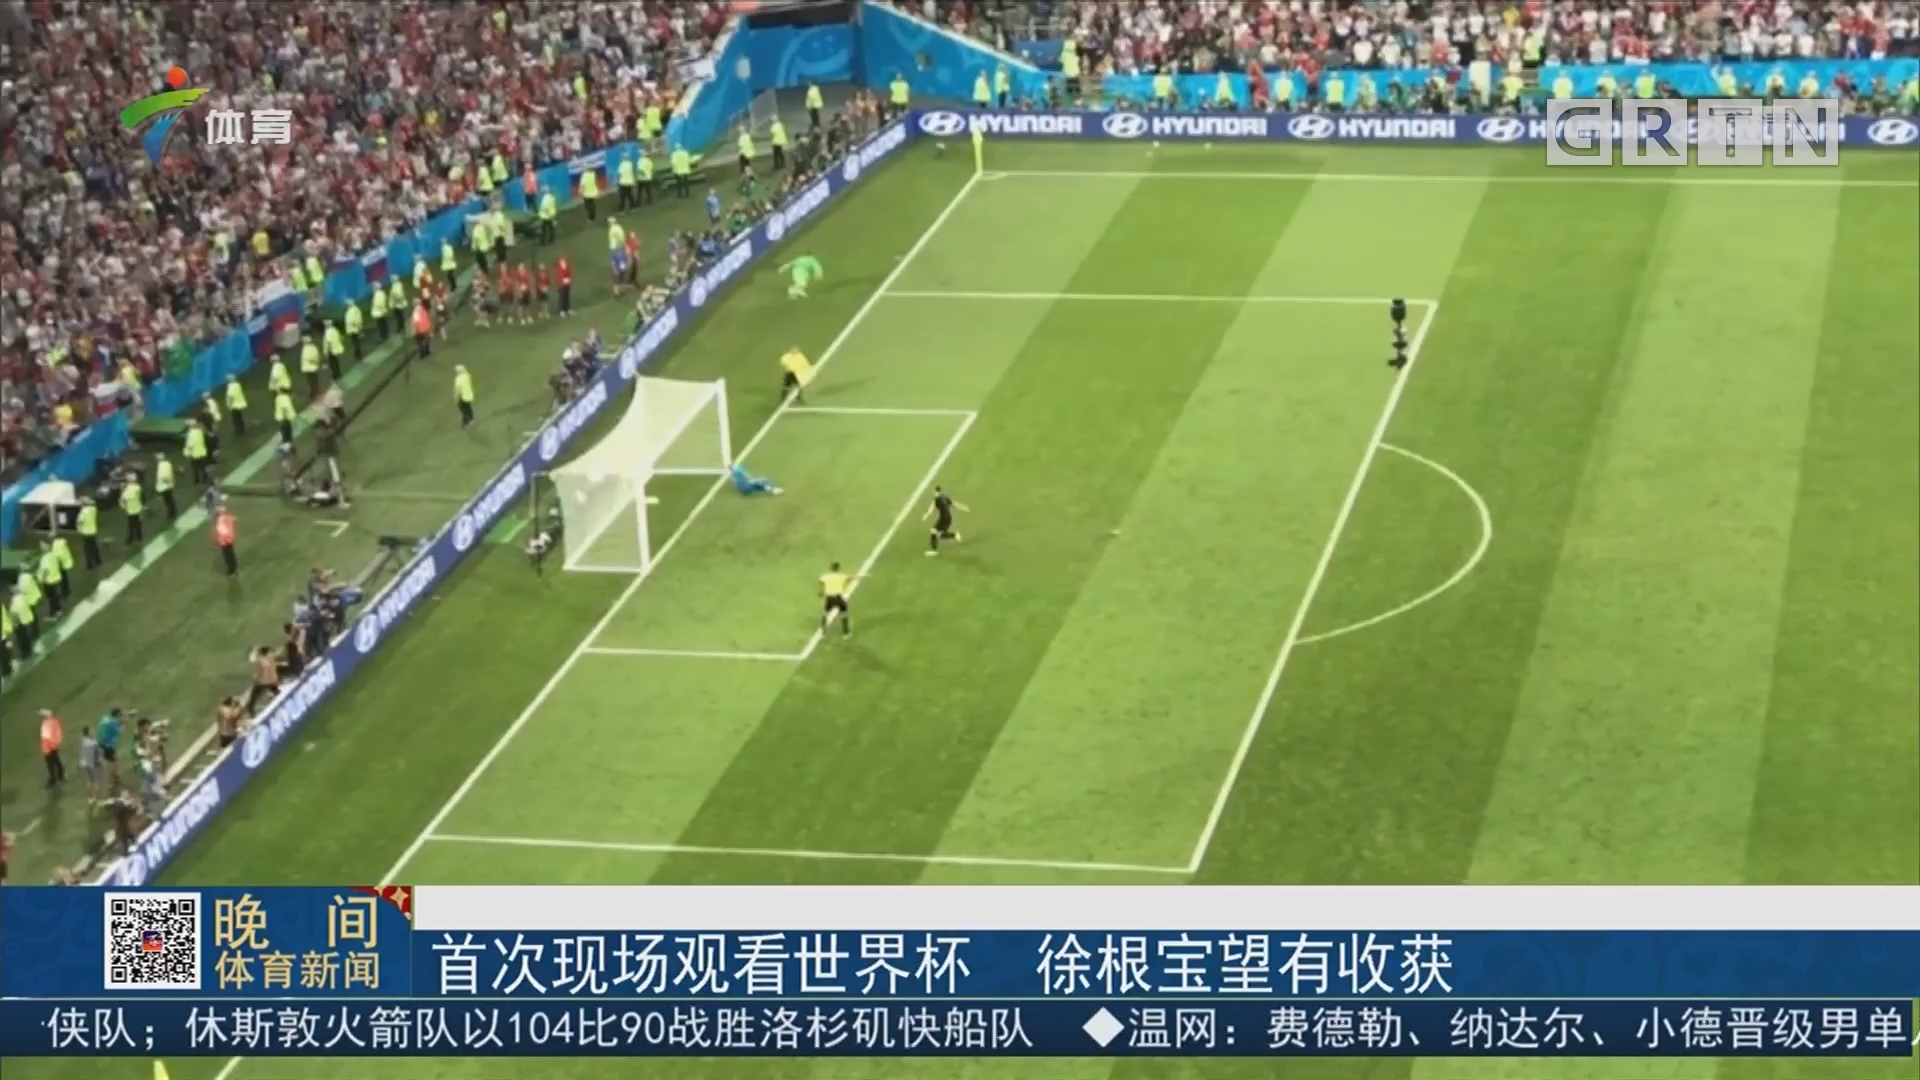 首次现场观看世界杯 徐根宝望有收获